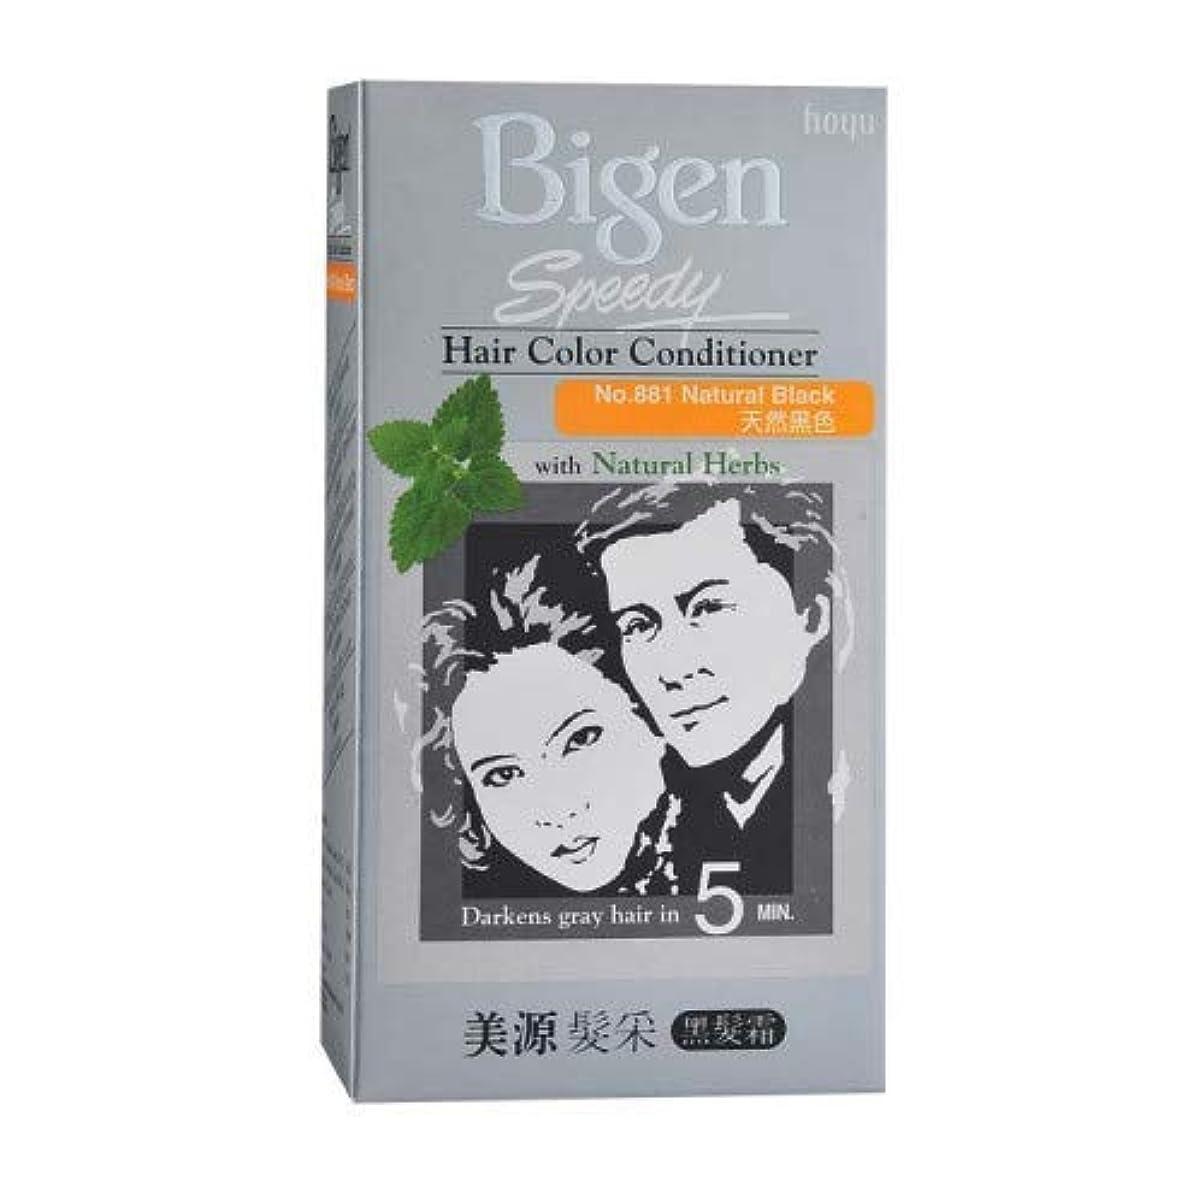 パワーセルヒステリック接地BIGEN 高速髪の色自然な黒い髪のケアと天然ハーブ1